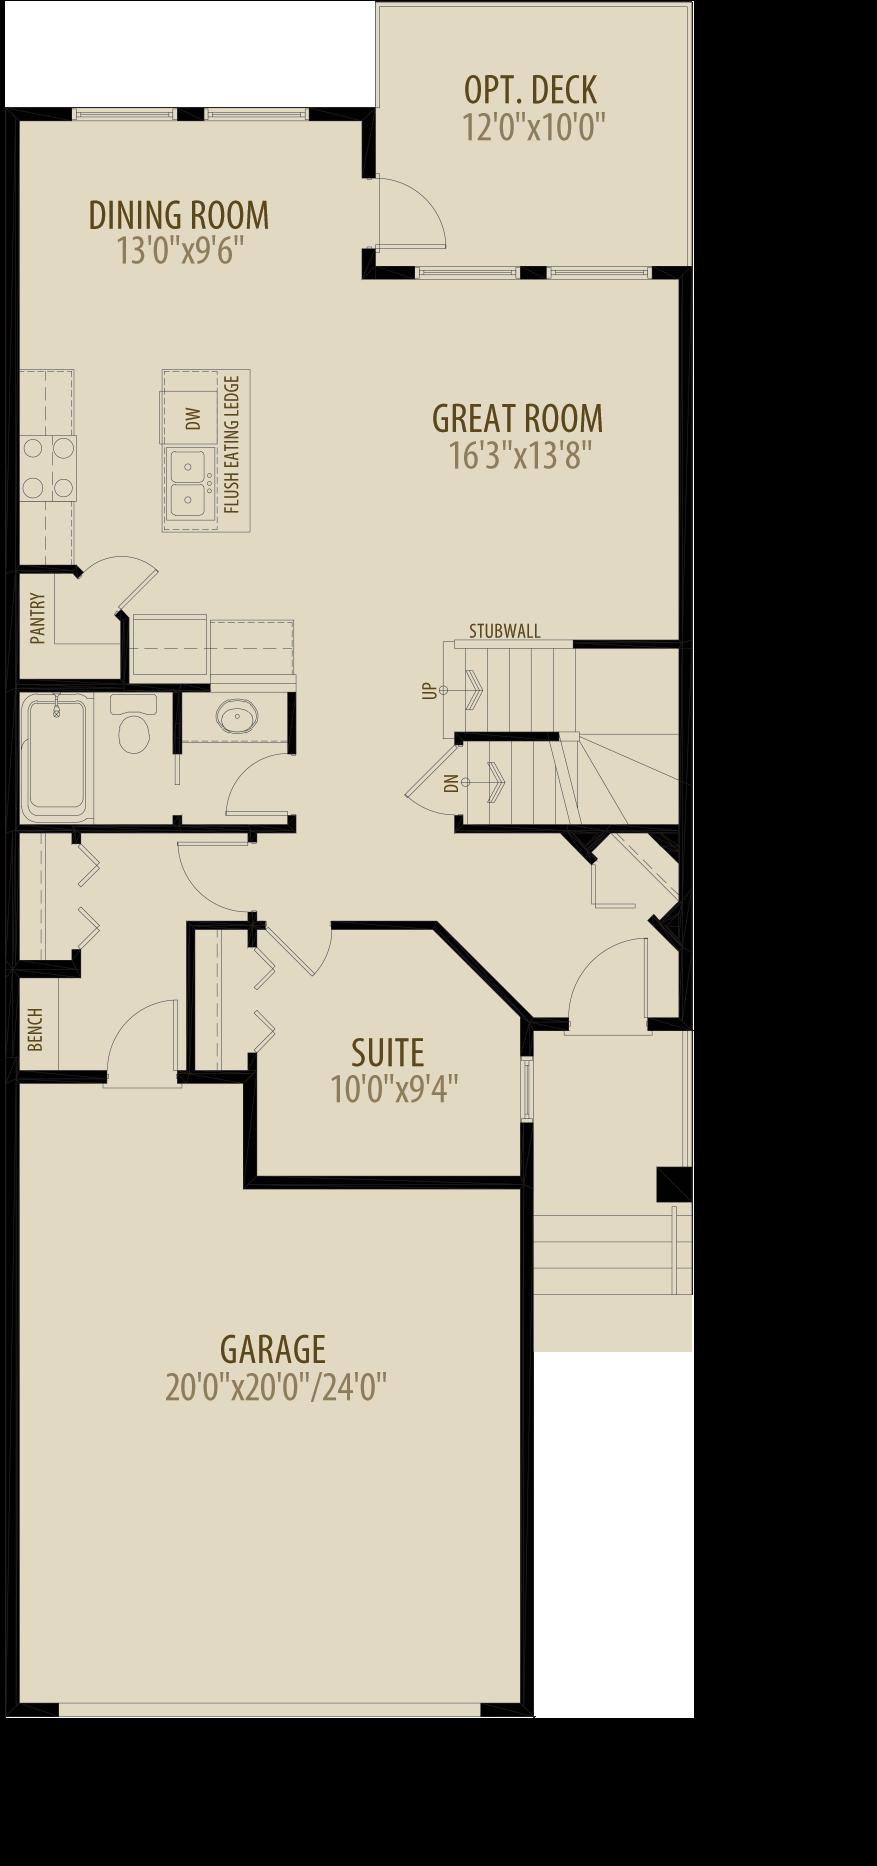 Main Floor Suite Adds 44 sq ft